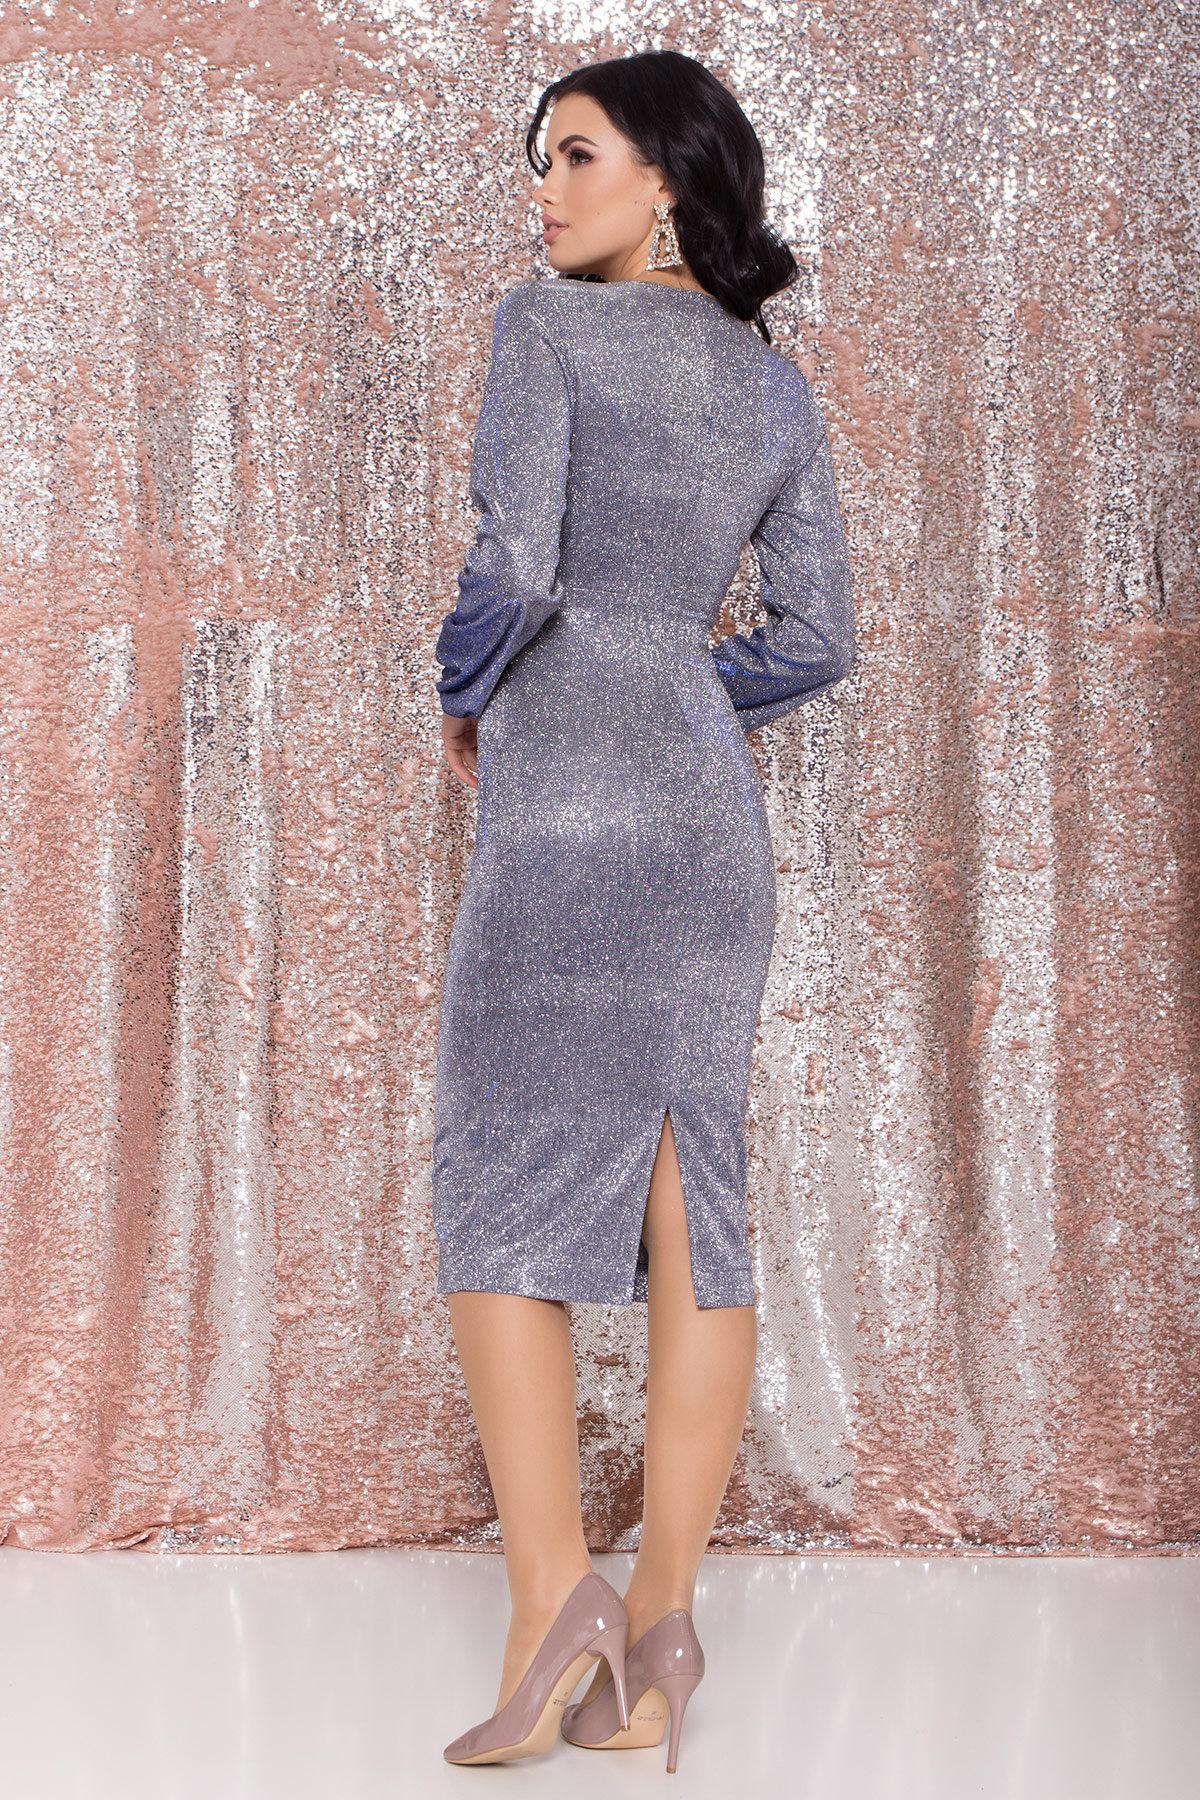 Нарядное платье с люрексом Фаселис 8527 АРТ. 44848 Цвет: Серебро/электрик - фото 8, интернет магазин tm-modus.ru